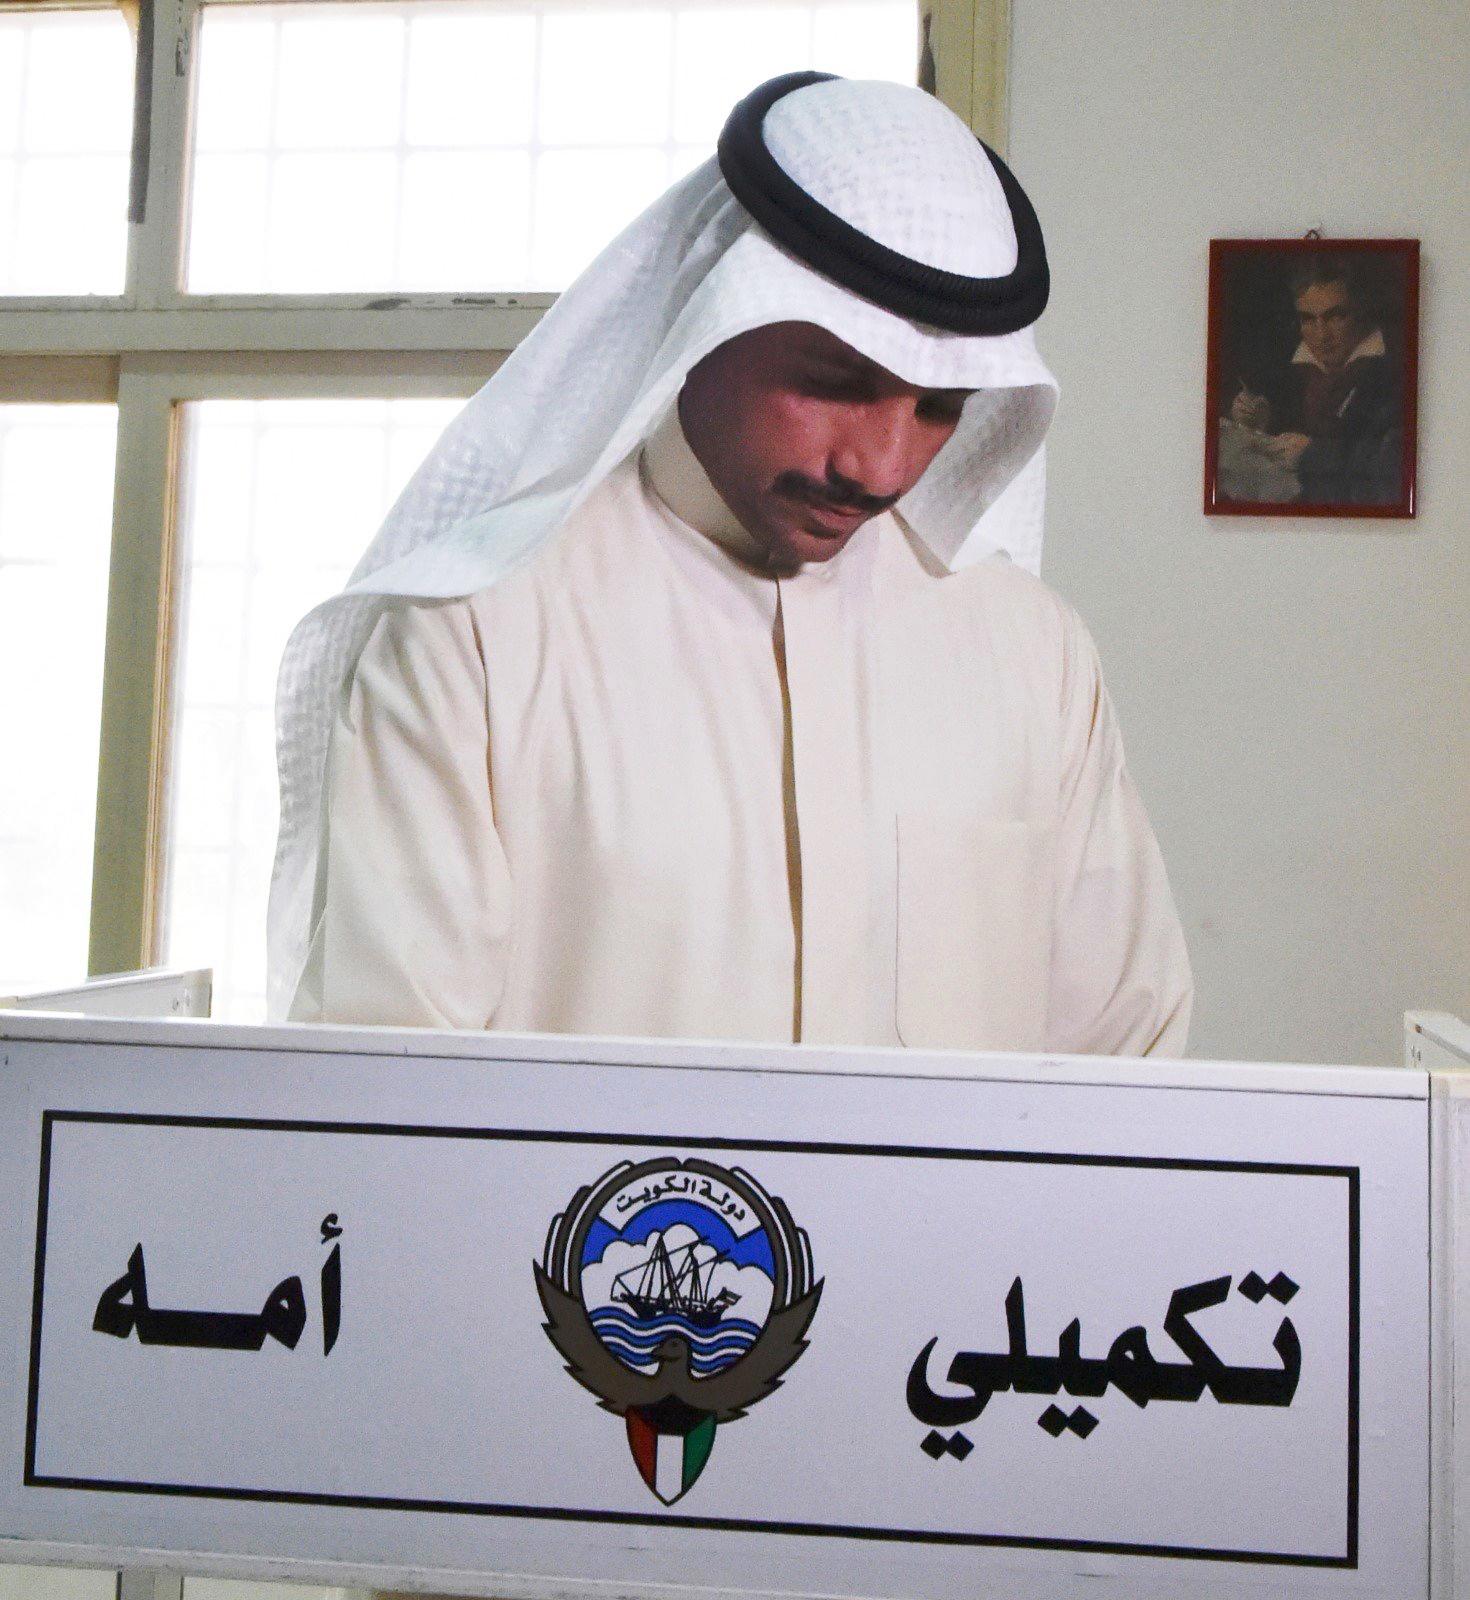 رئيس مجلس الأمة الكويتي مرزوق الغانم مدليا بصوته - كونا